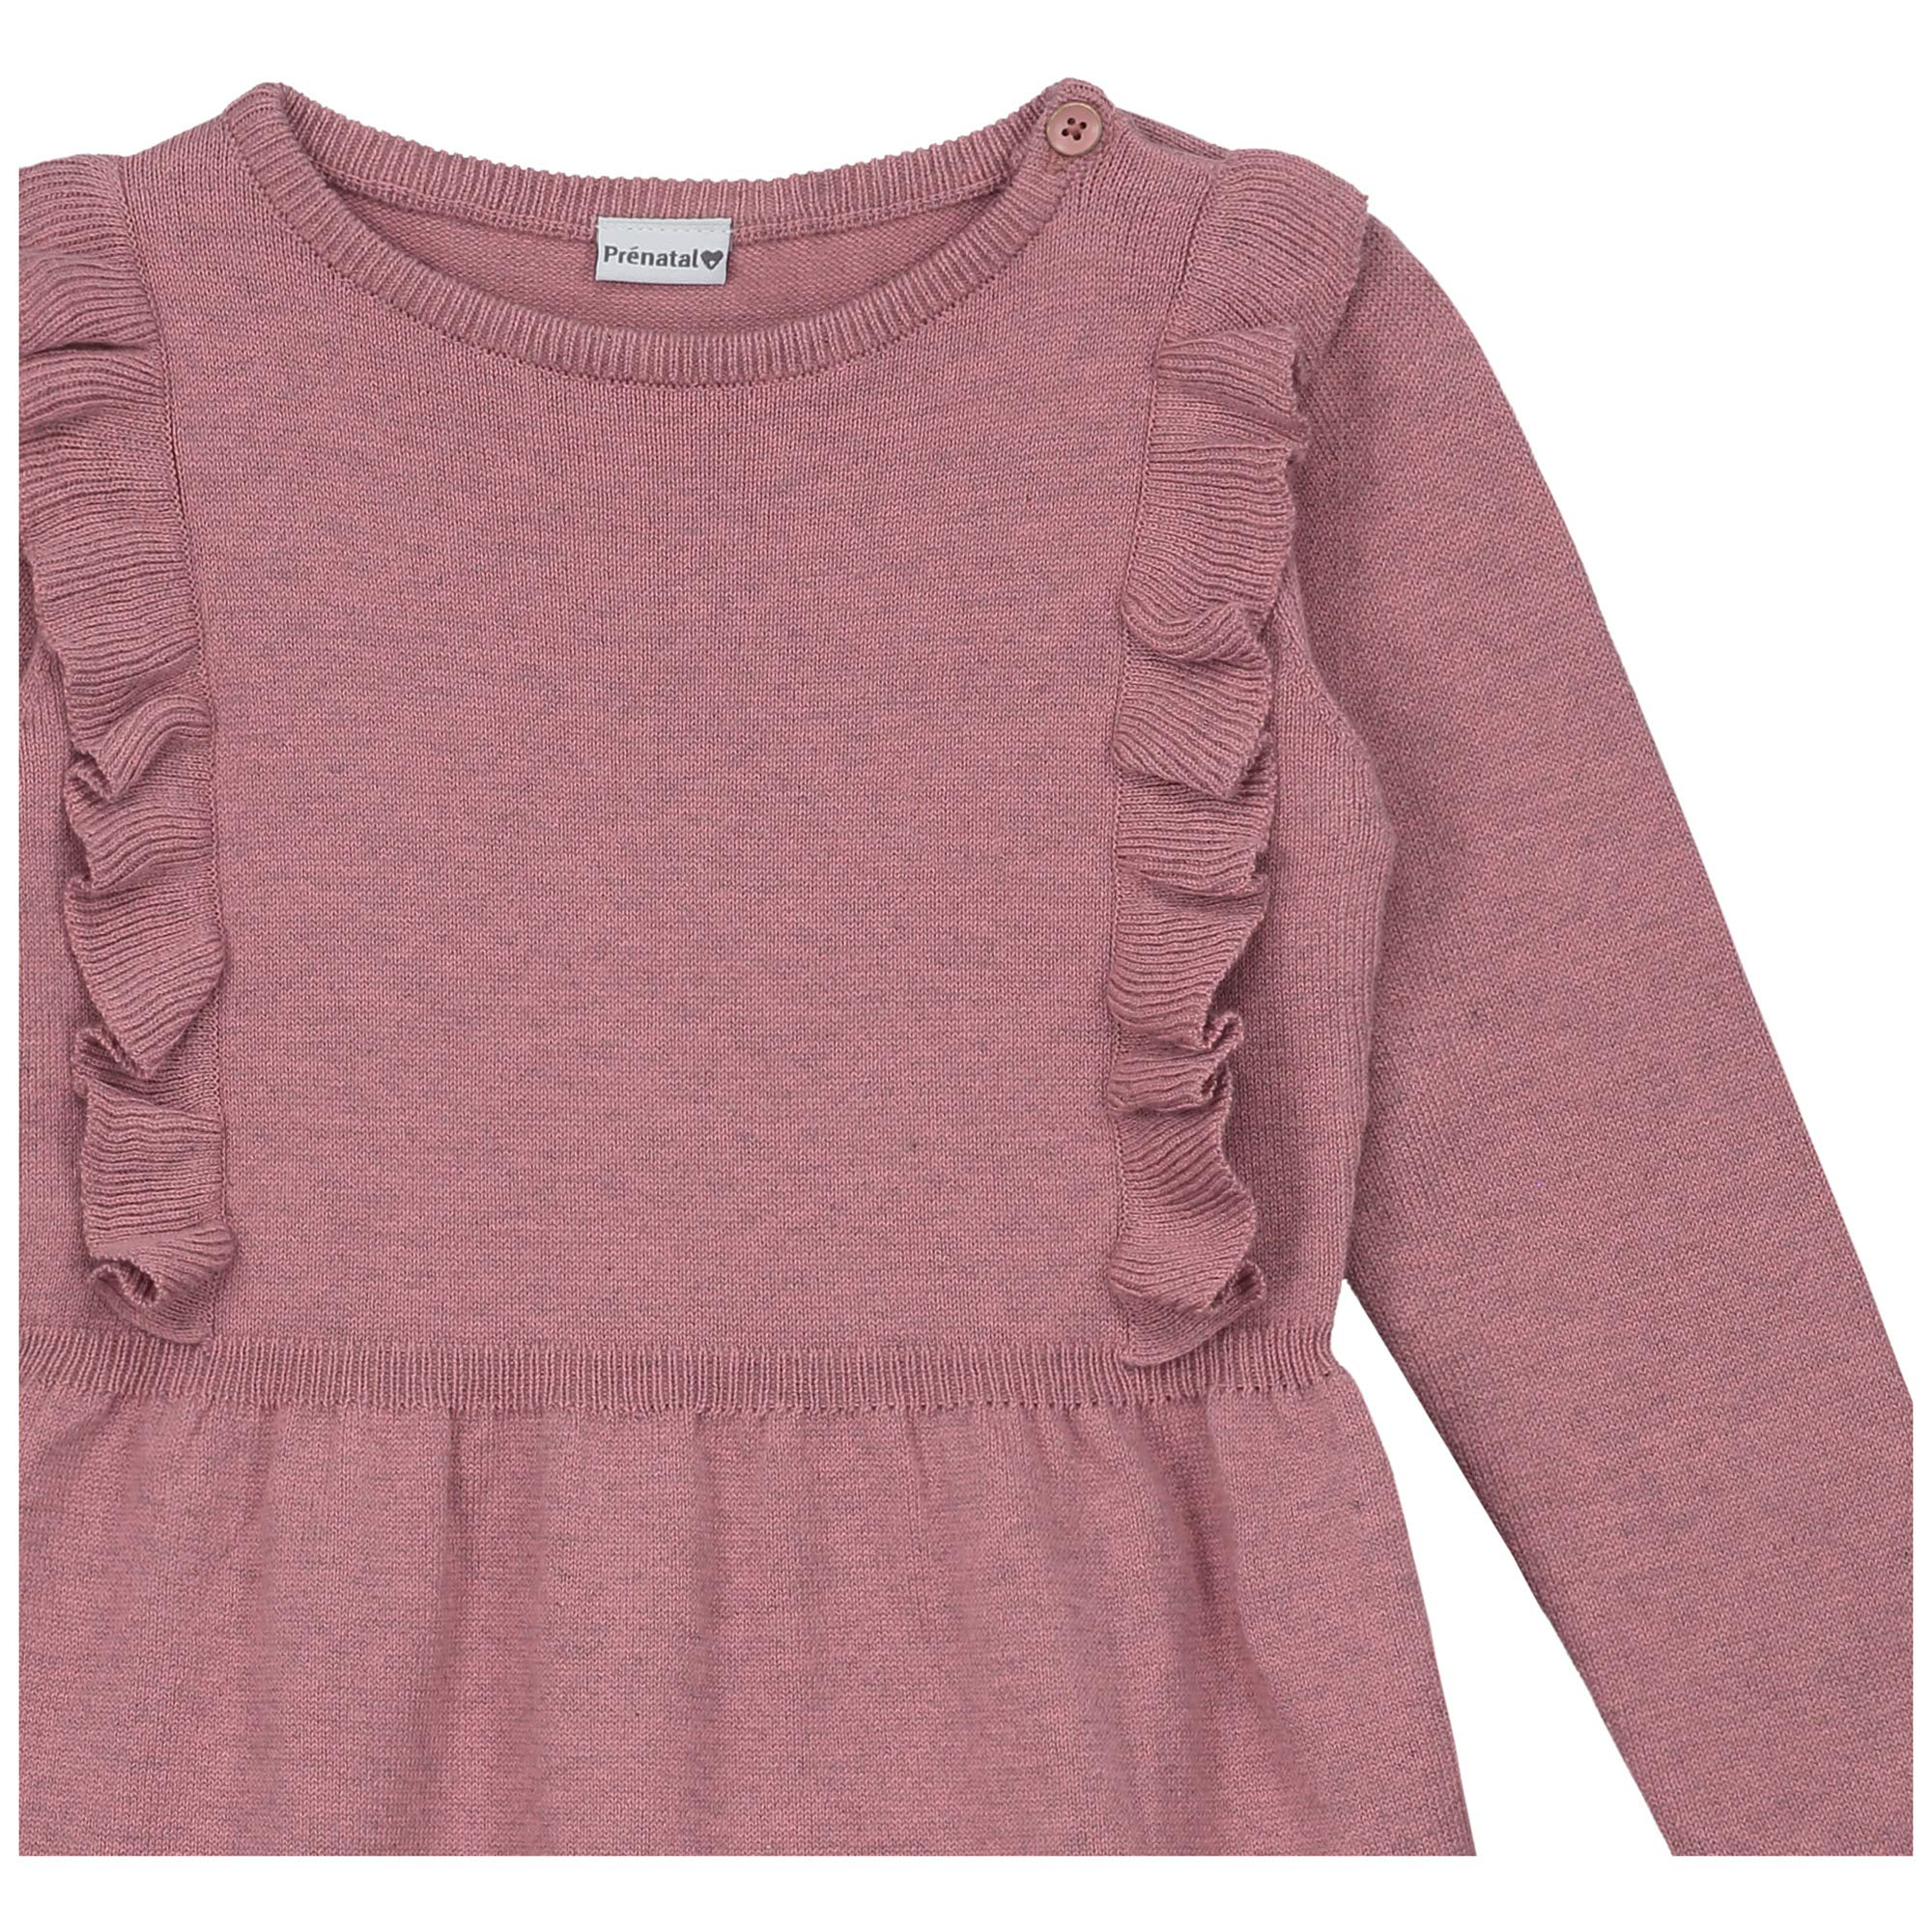 Pr/énatal M/ädchen Kleinkind Kleid mit R/üschen Grau